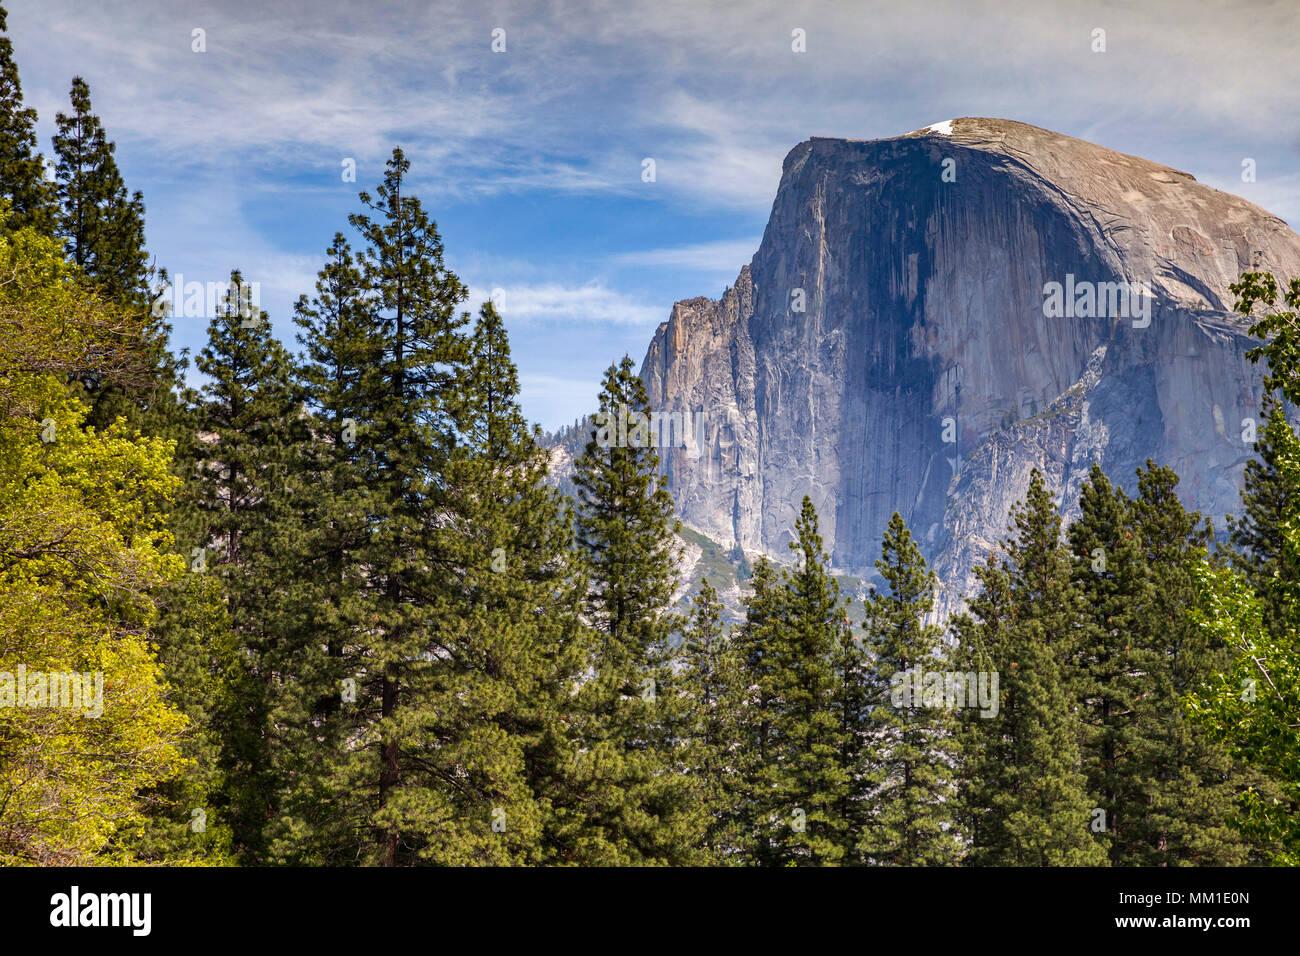 Half Dome, Yosemite National Park, Kalifornien, USA, Berg, Dome, National Park, Yosemite, Kalifornien, Amerika, American, Bäume, Landschaft, landschaften, malerische Stockbild